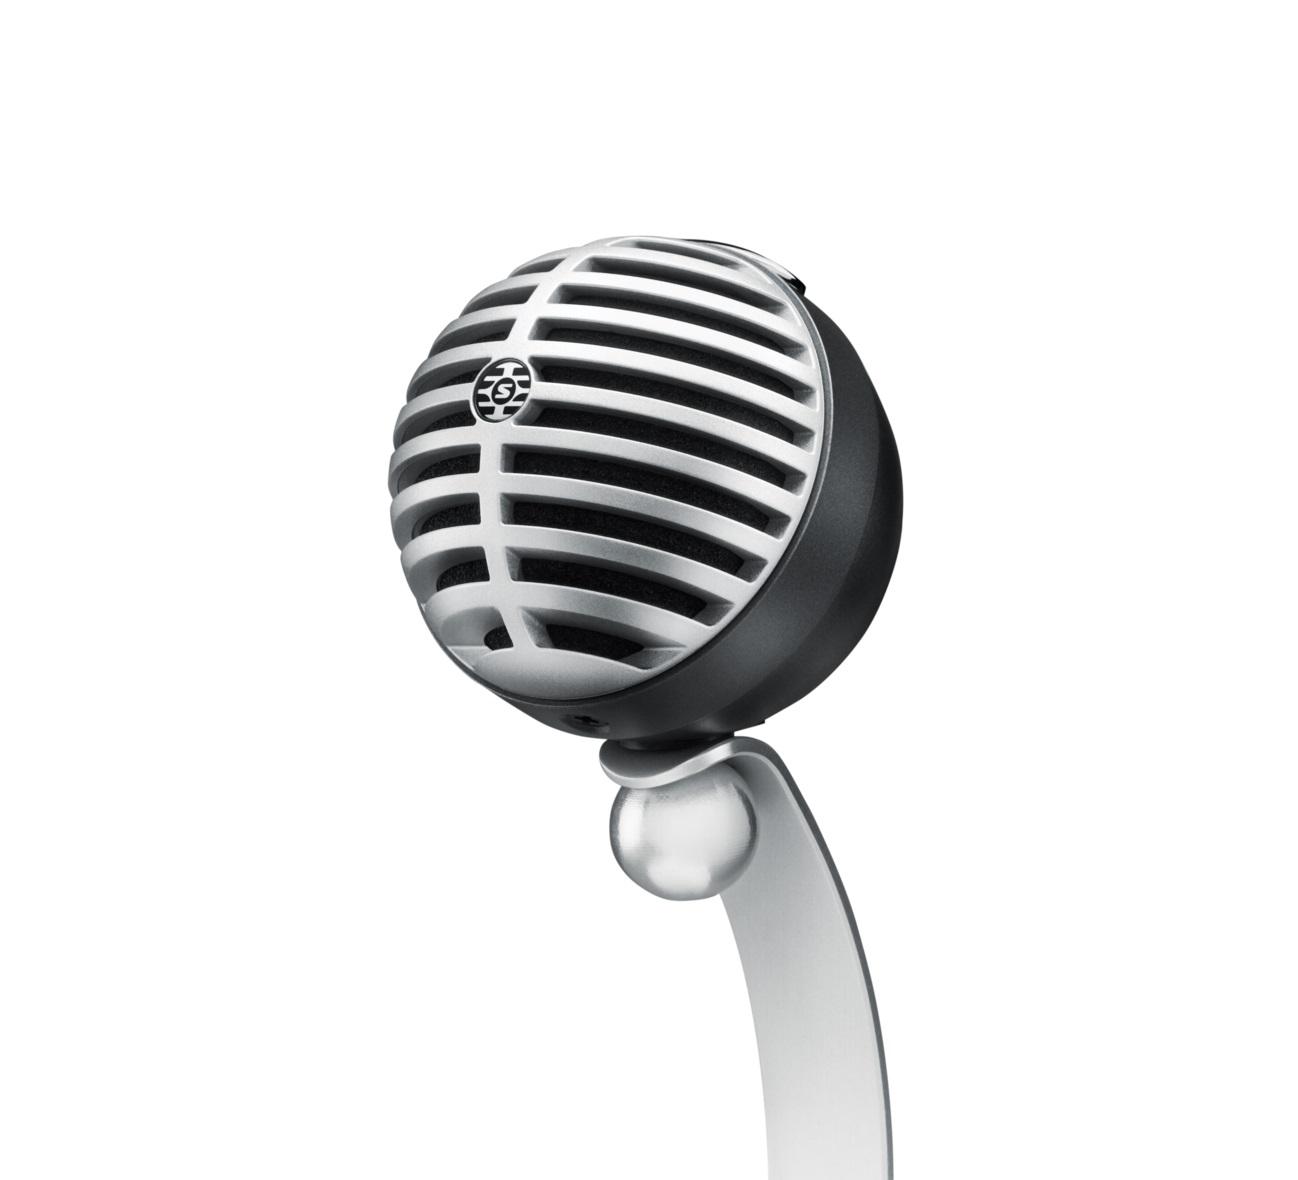 SHURE シュアー MV5/A-G-LTG-A【MOTIV™ MV5 デジタル・コンデンサー・マイクロホン】【グレー】【iPad・iOS対応】 【送料無料】